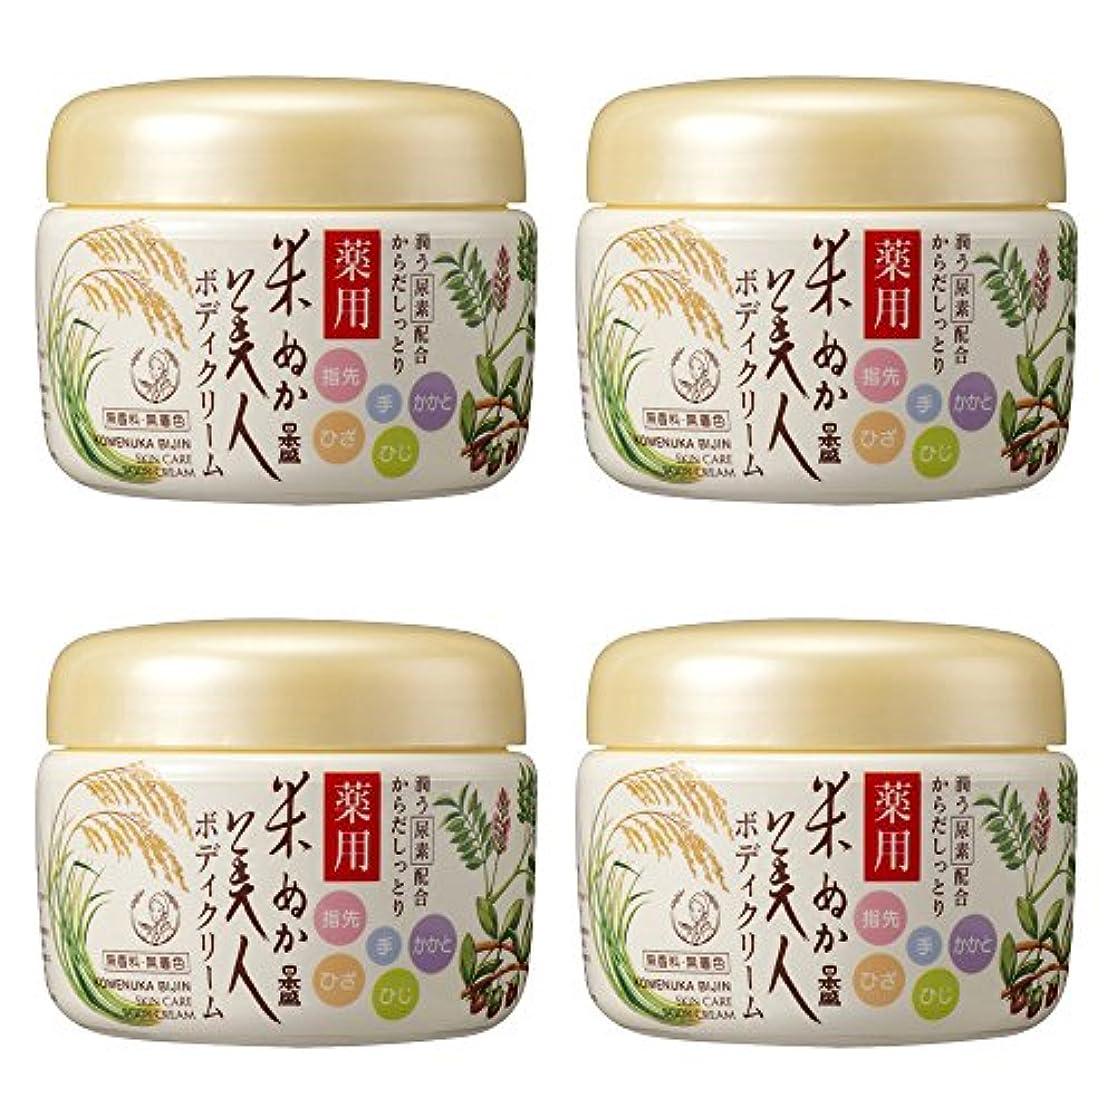 【セット】米ぬか美人 薬用ボディクリーム 140g ×4個